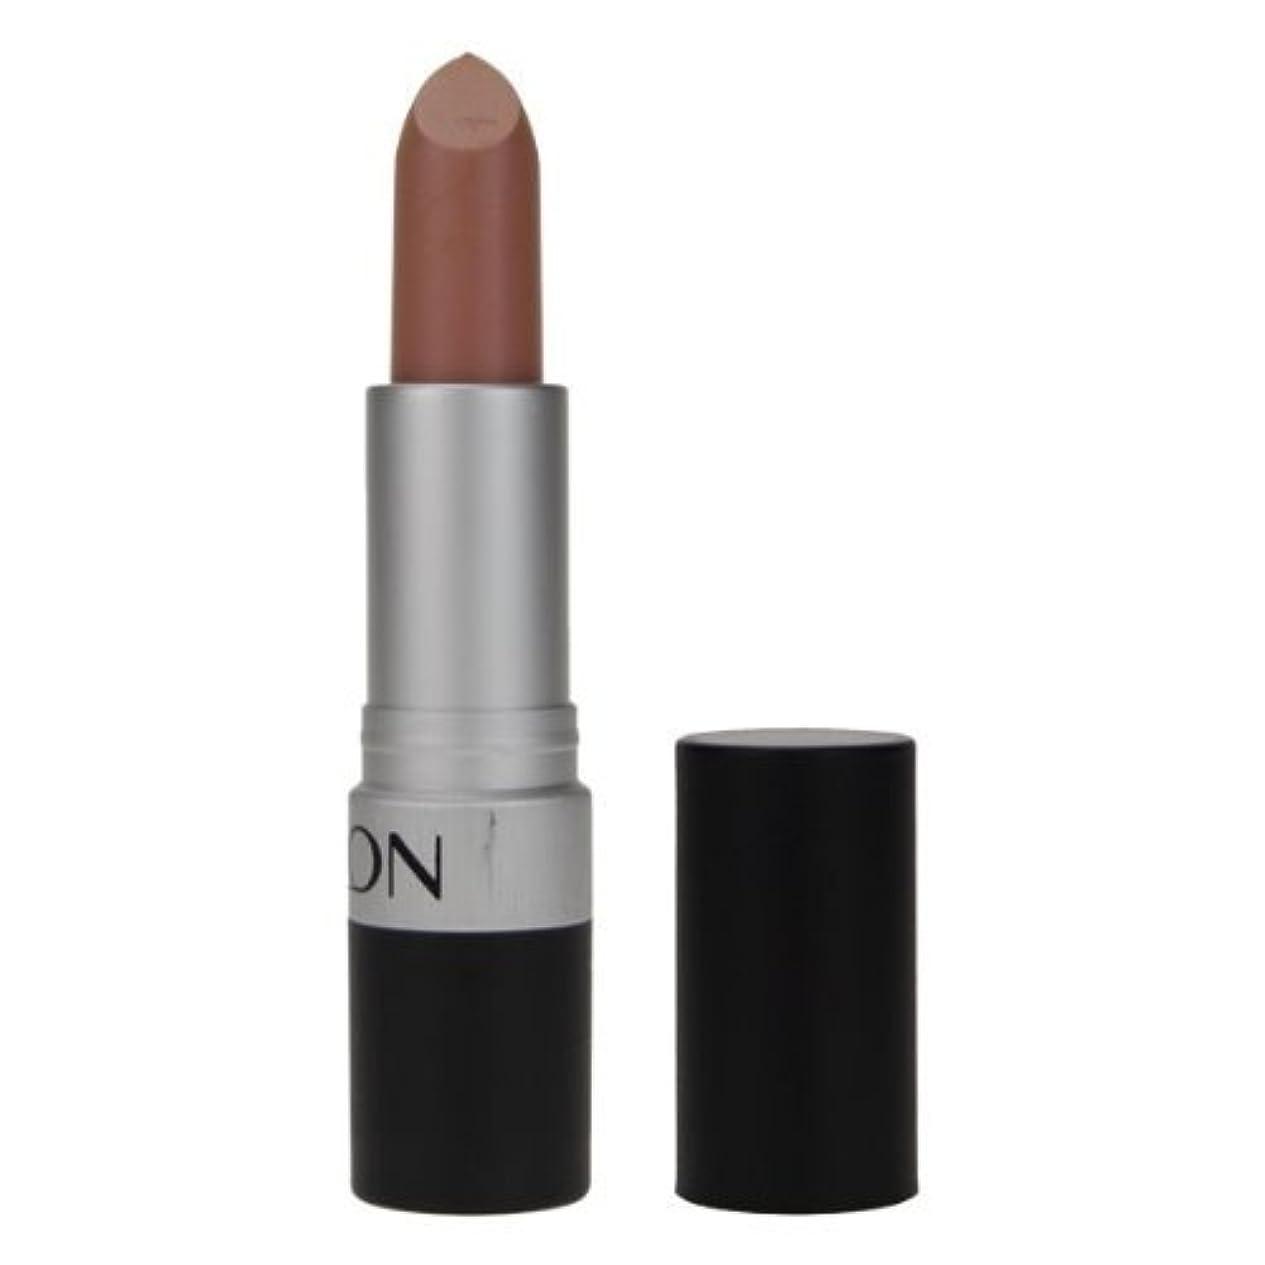 規制する探偵代理人REVLON Super Lustrous Lipstick Matte - Nude Attitude 001 (並行輸入品)